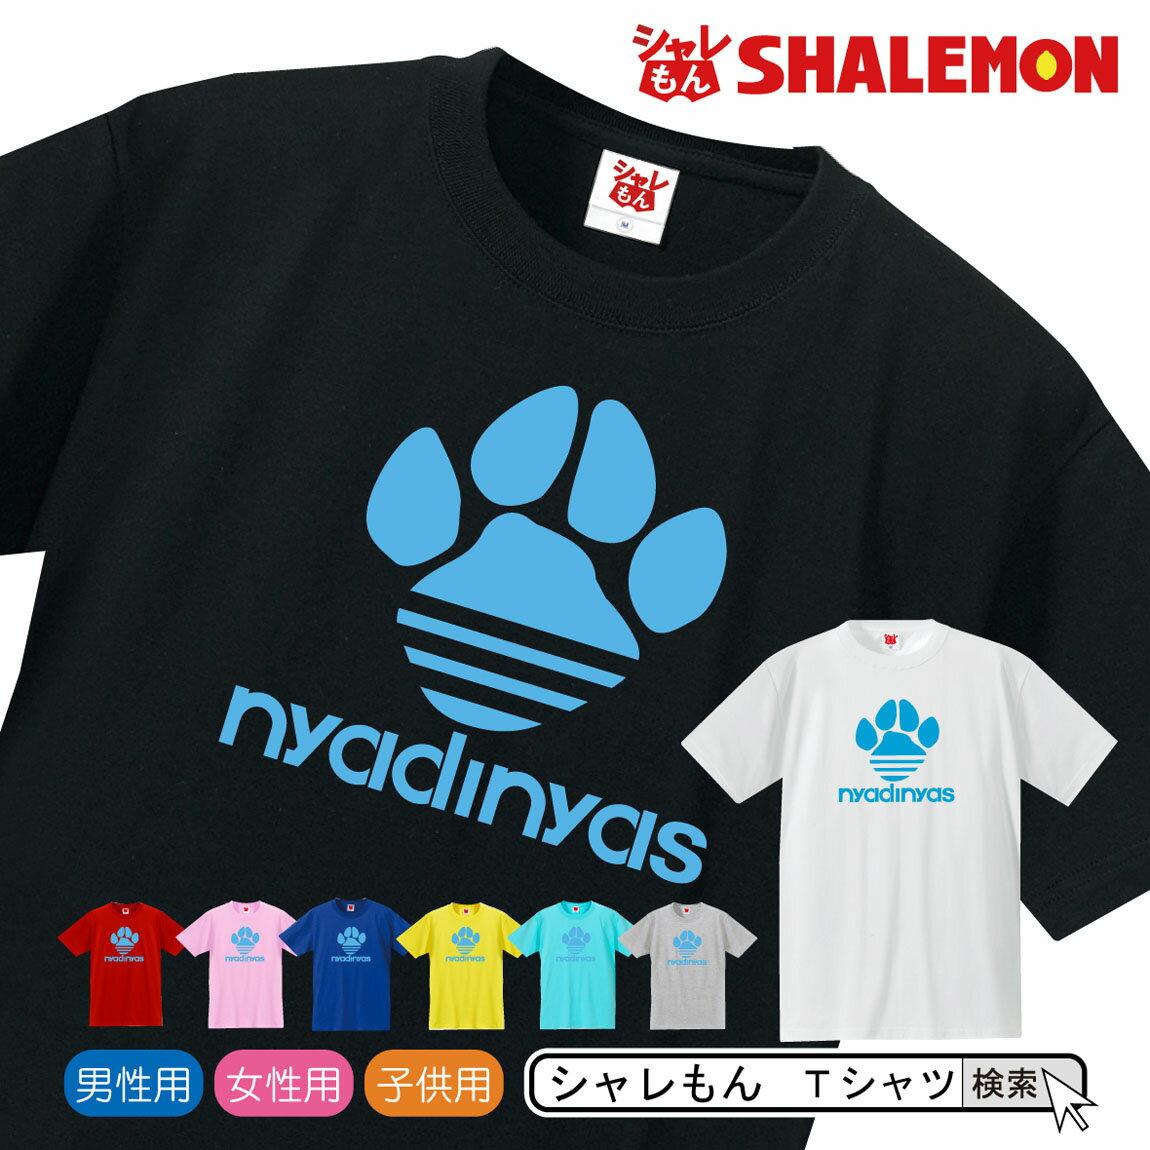 猫 おもしろ Tシャツ 【 ニャディニャス nyadinyas 選べる8色】 メンズ レディース キッズ 誕生日 プレゼント 雑貨 巨人 ジャイアンツ